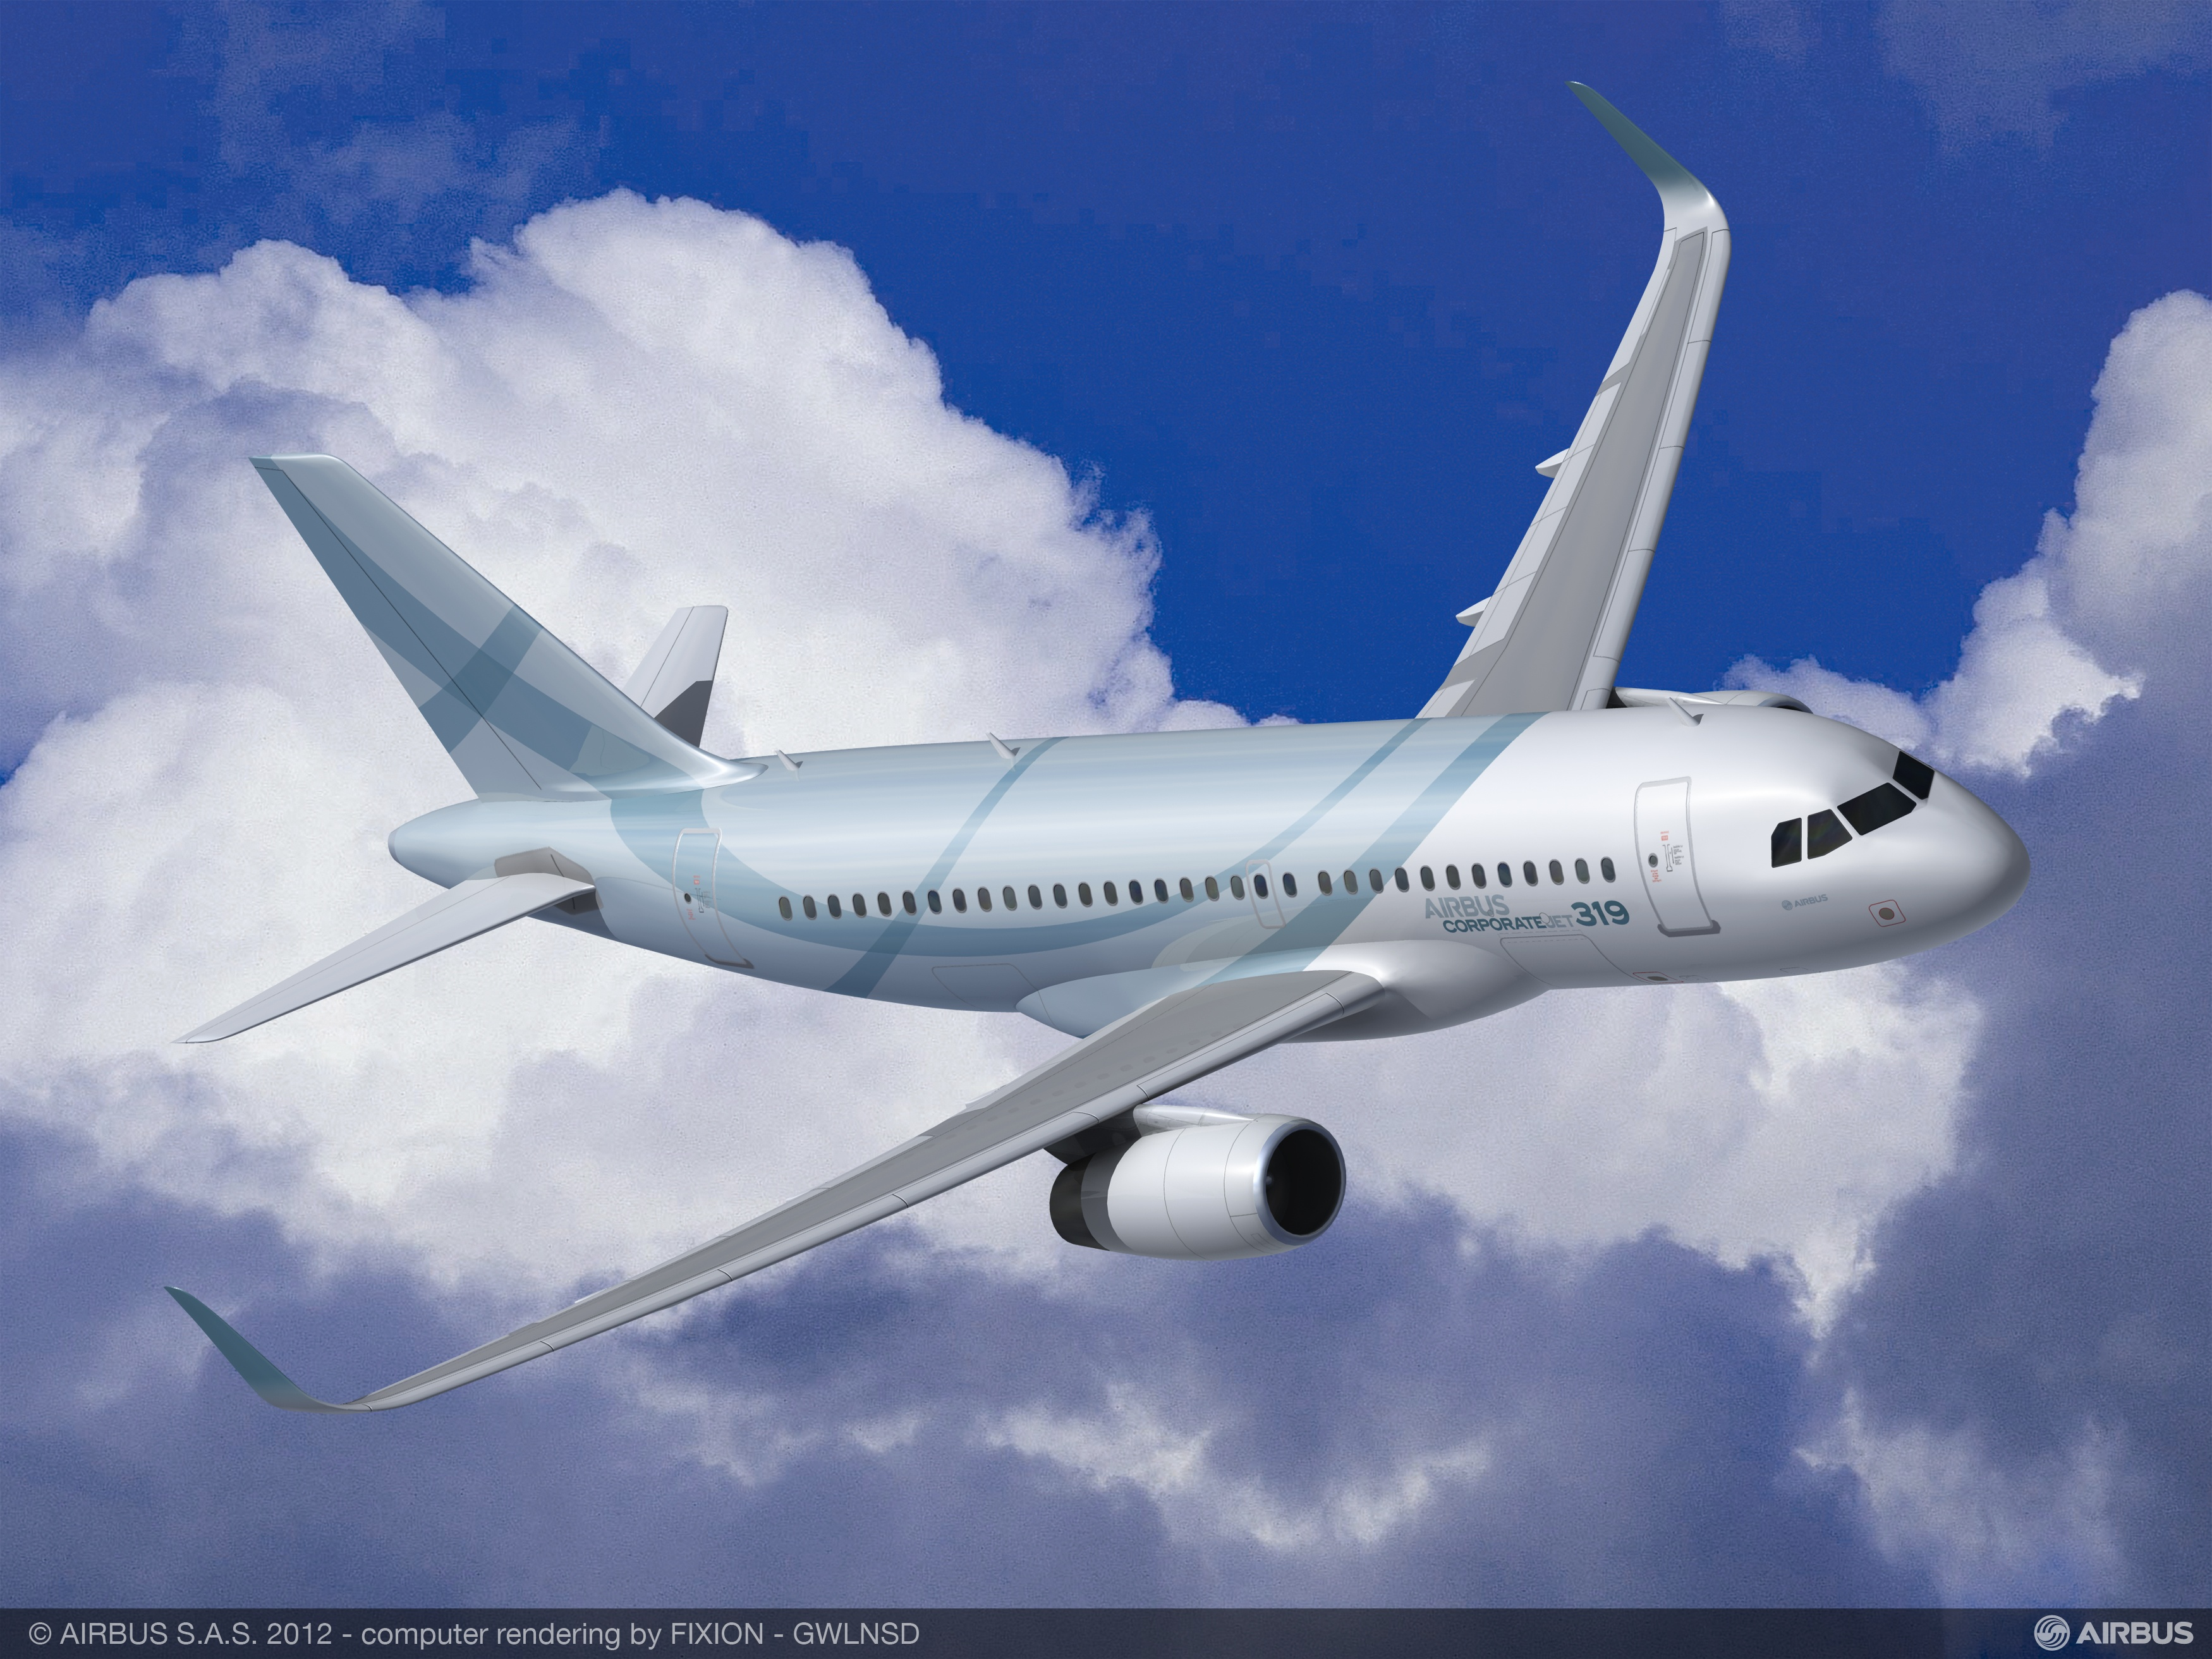 Airbus_ACJ319_Three-quarter_front